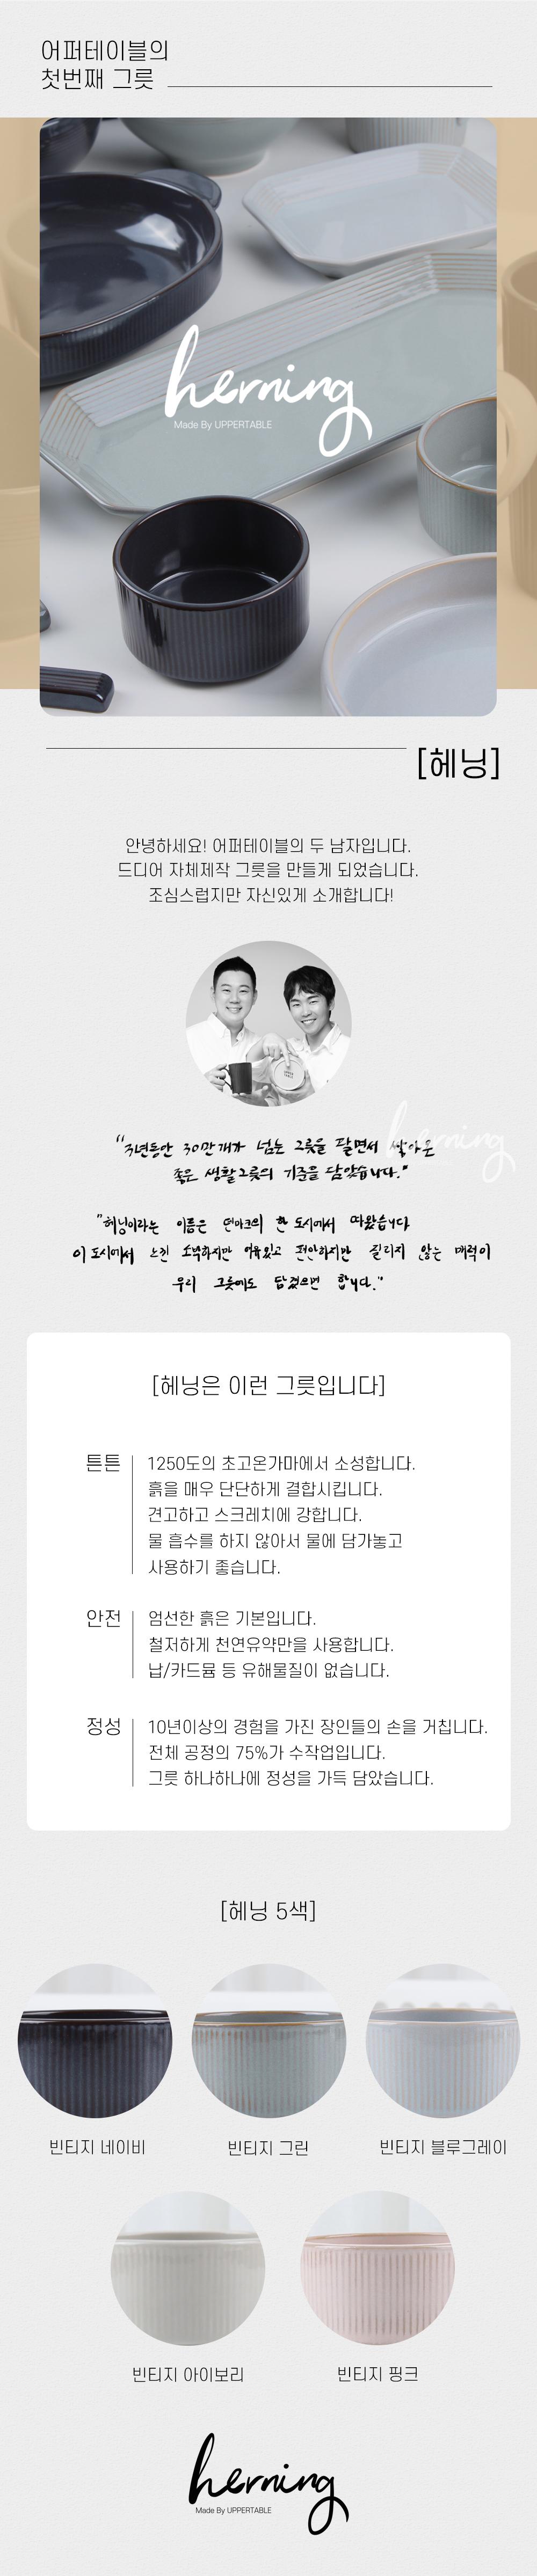 헤닝 혼밥세트 6P_5컬러 - 어퍼테이블, 36,000원, 식기홈세트, 1인세트